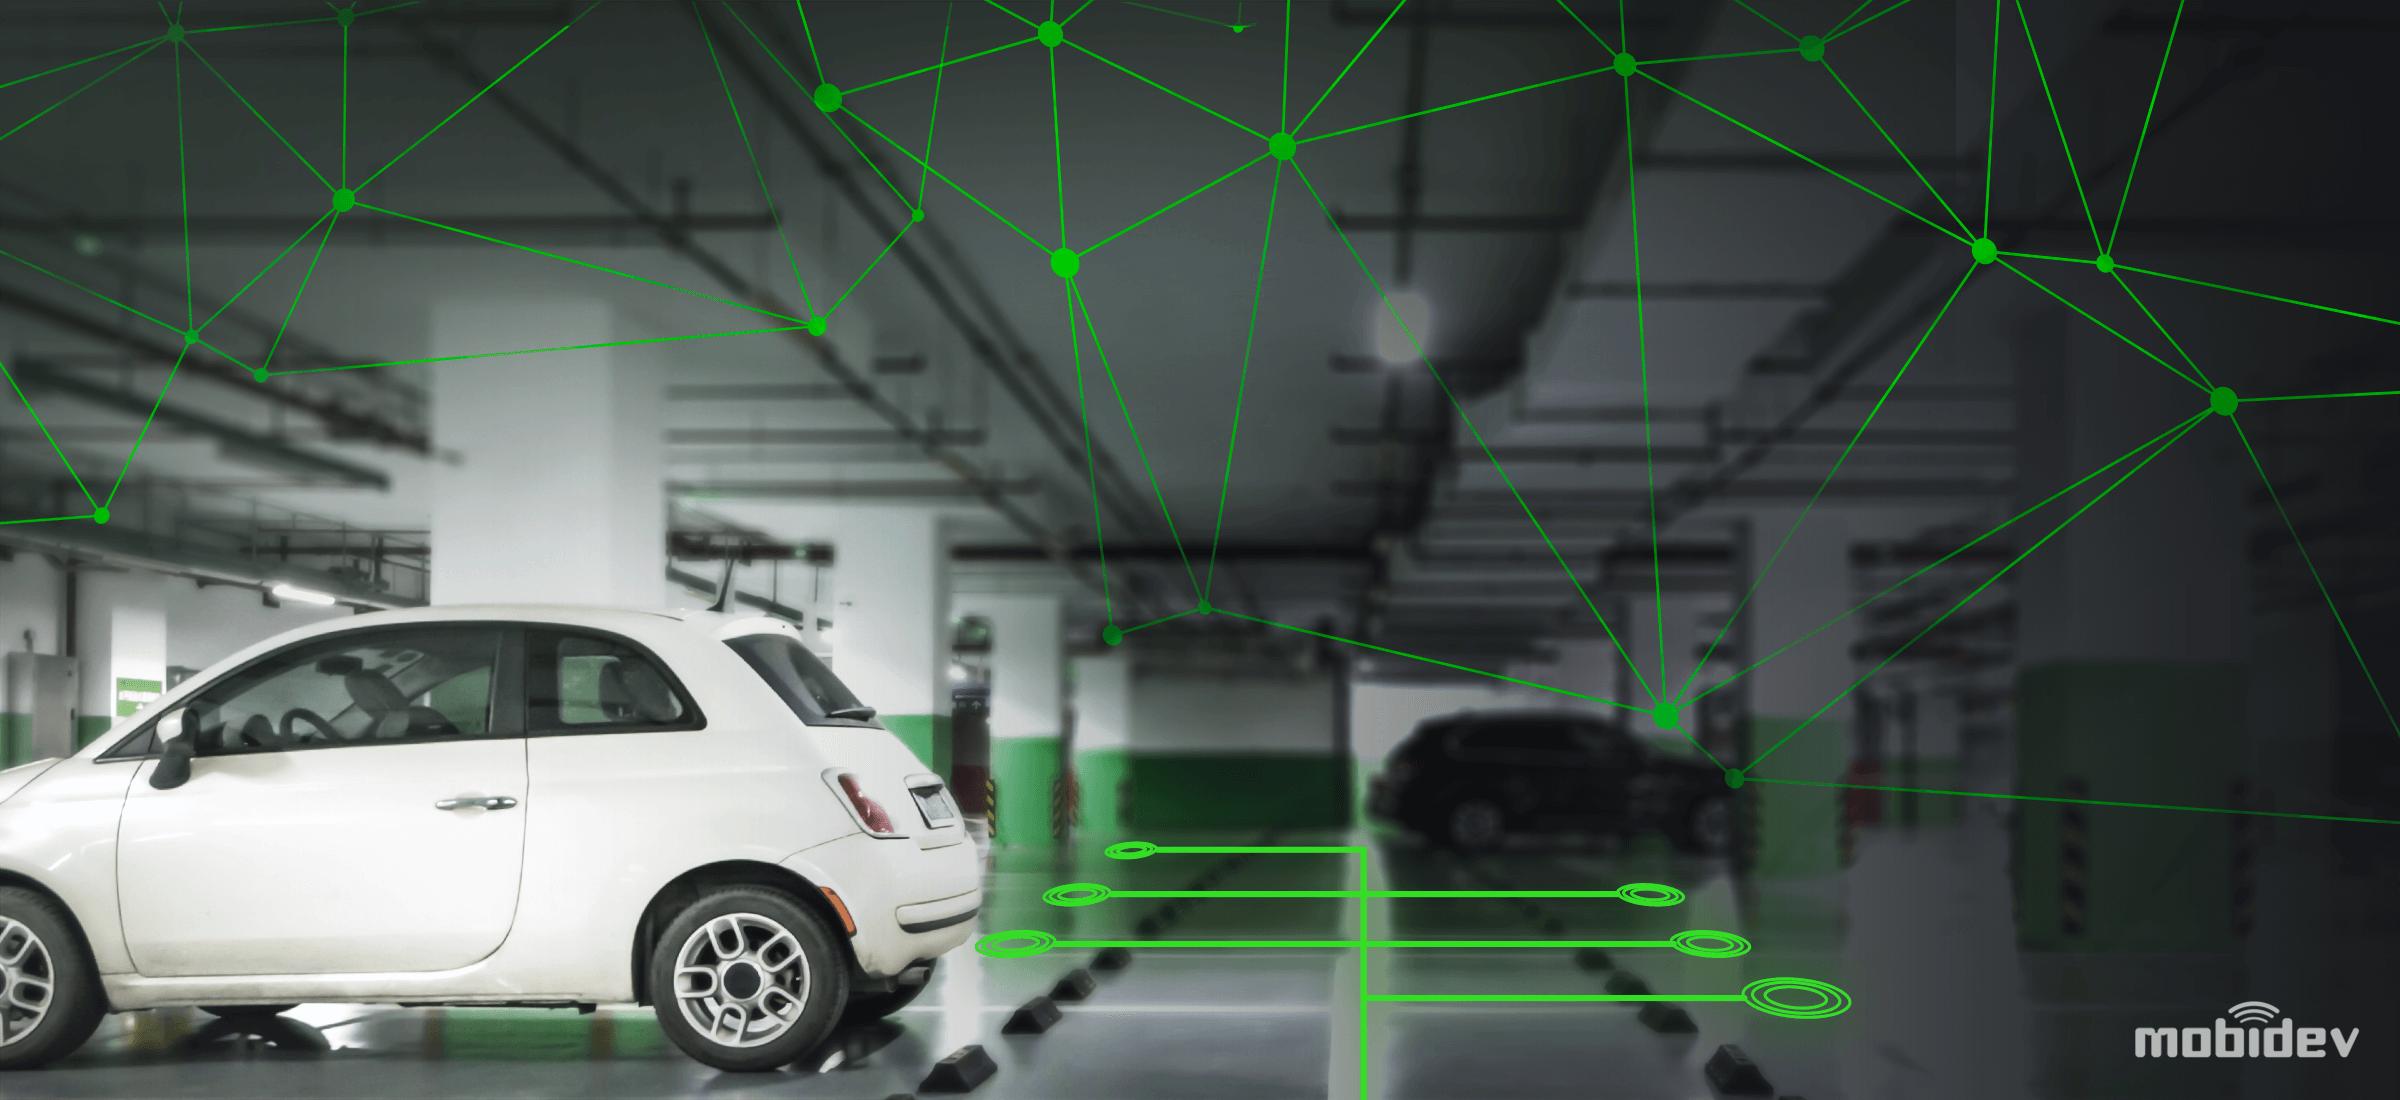 Iot Based Smart Parking System Development Mobidev